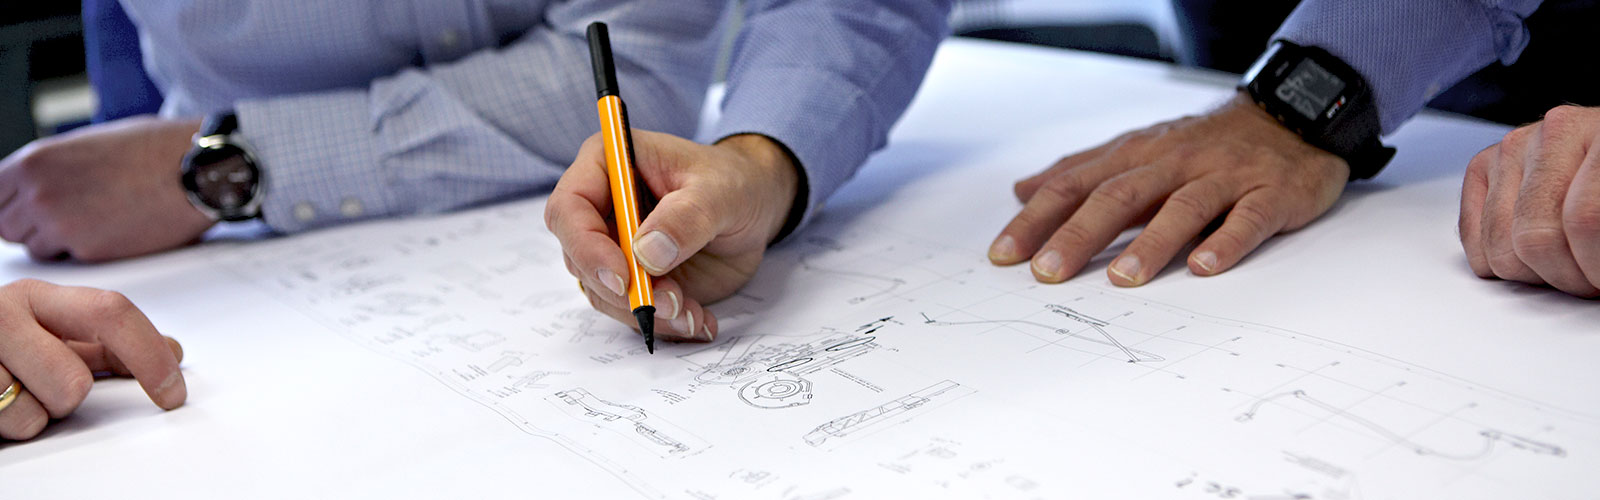 Kompetenz > Entwicklung